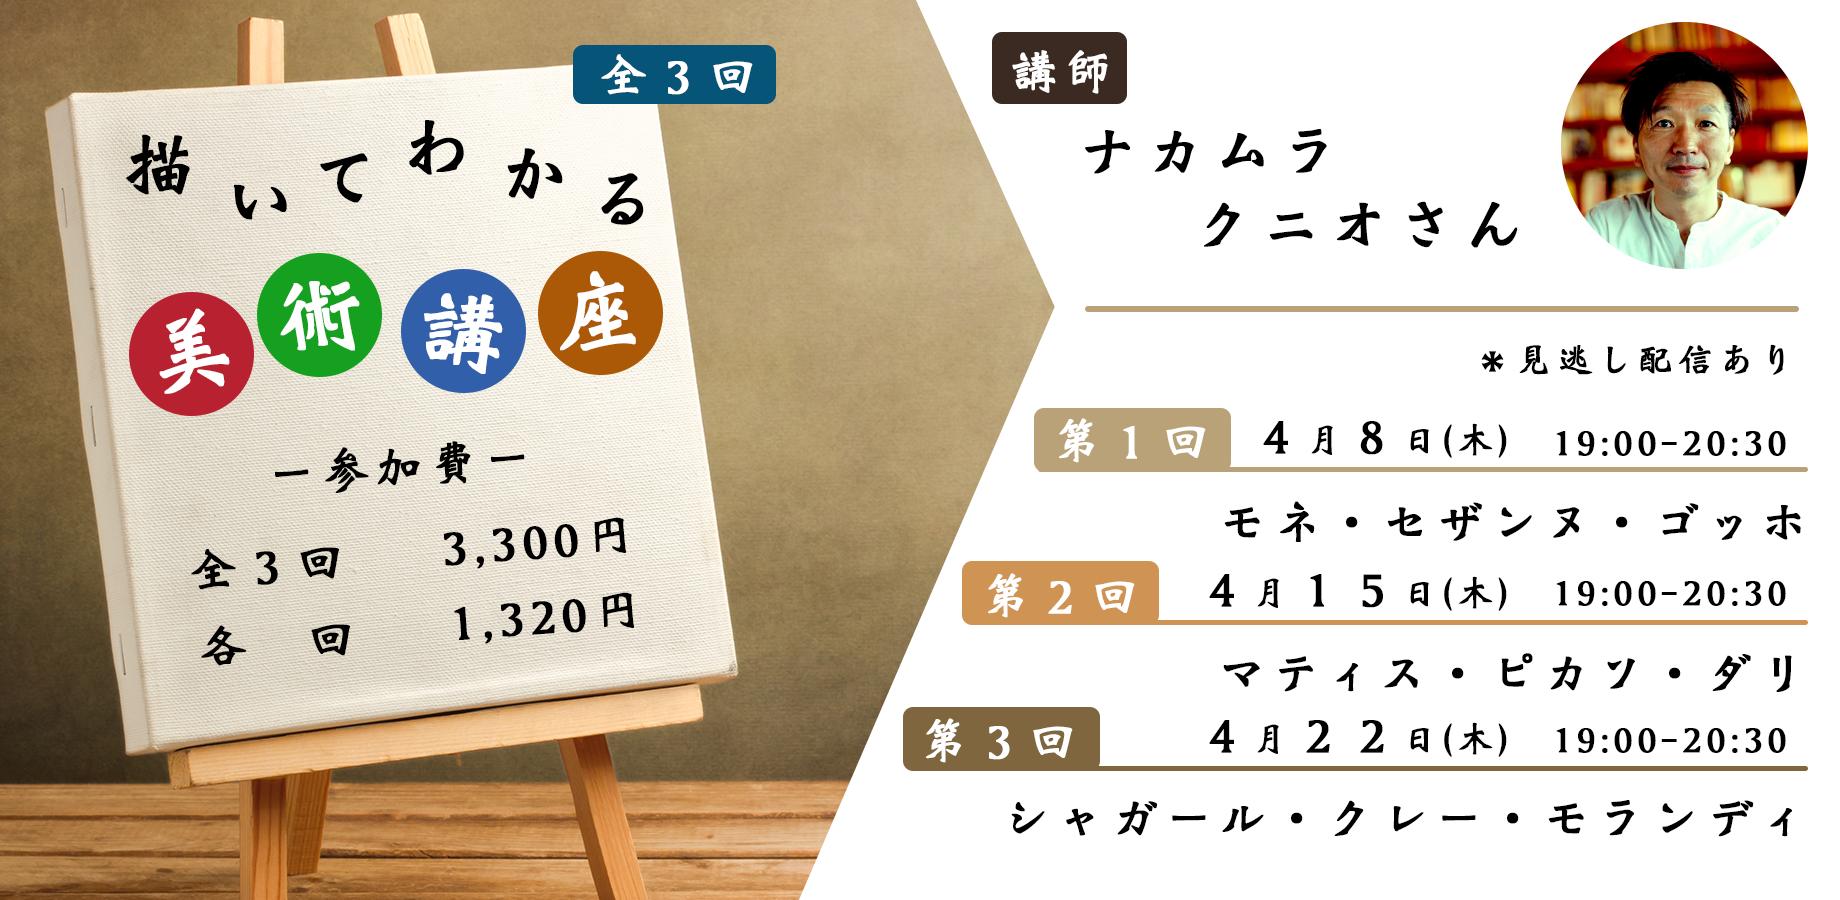 20210408ナカムラさん連続第2弾カバー.png